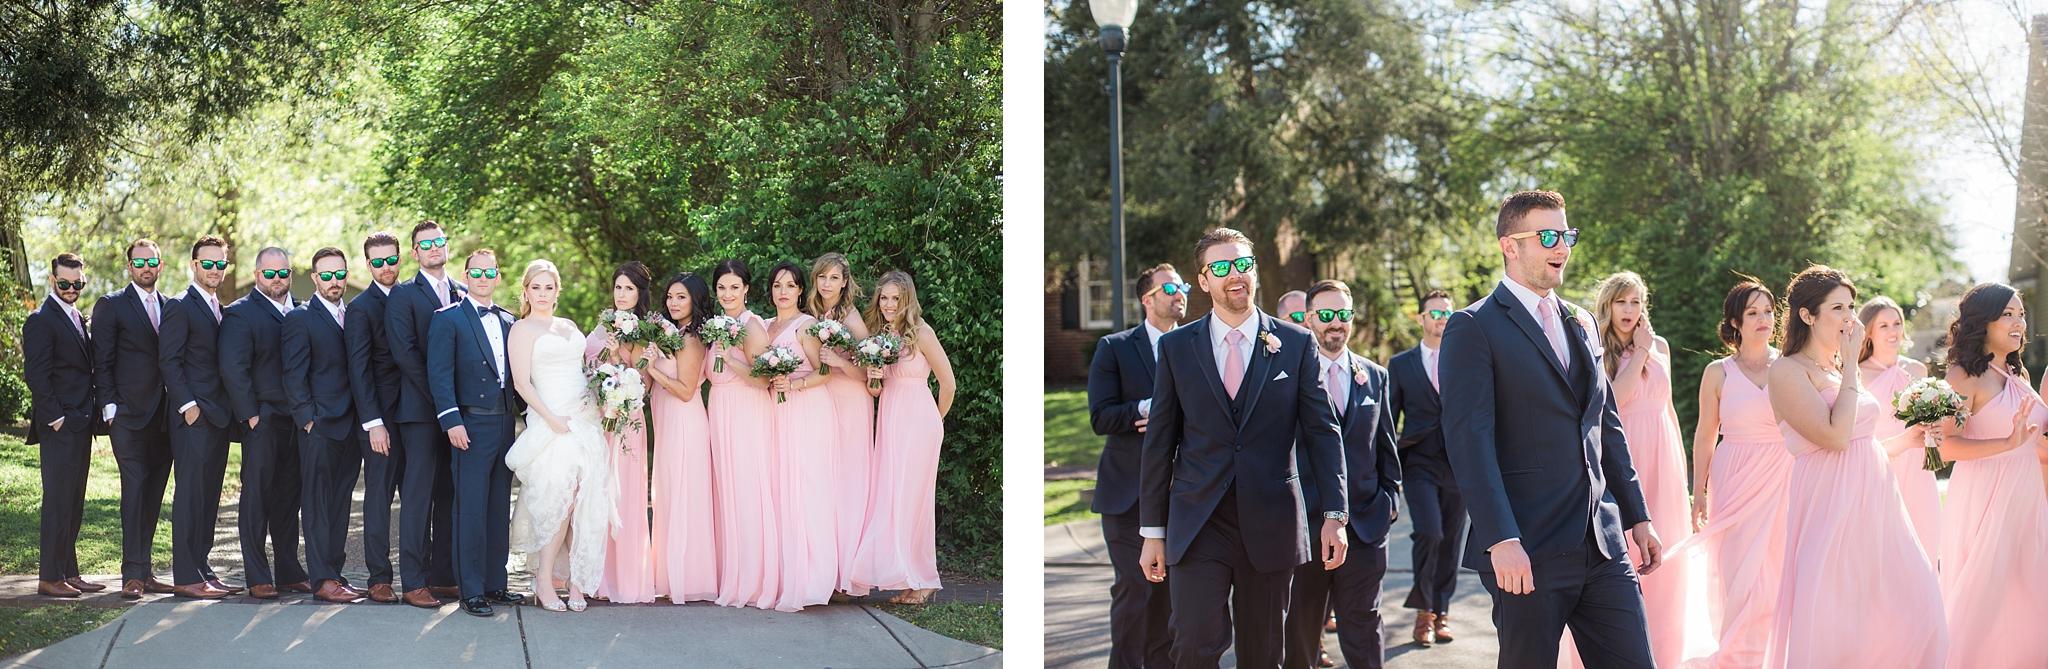 wedding-part-cjs-square-franklin.jpg